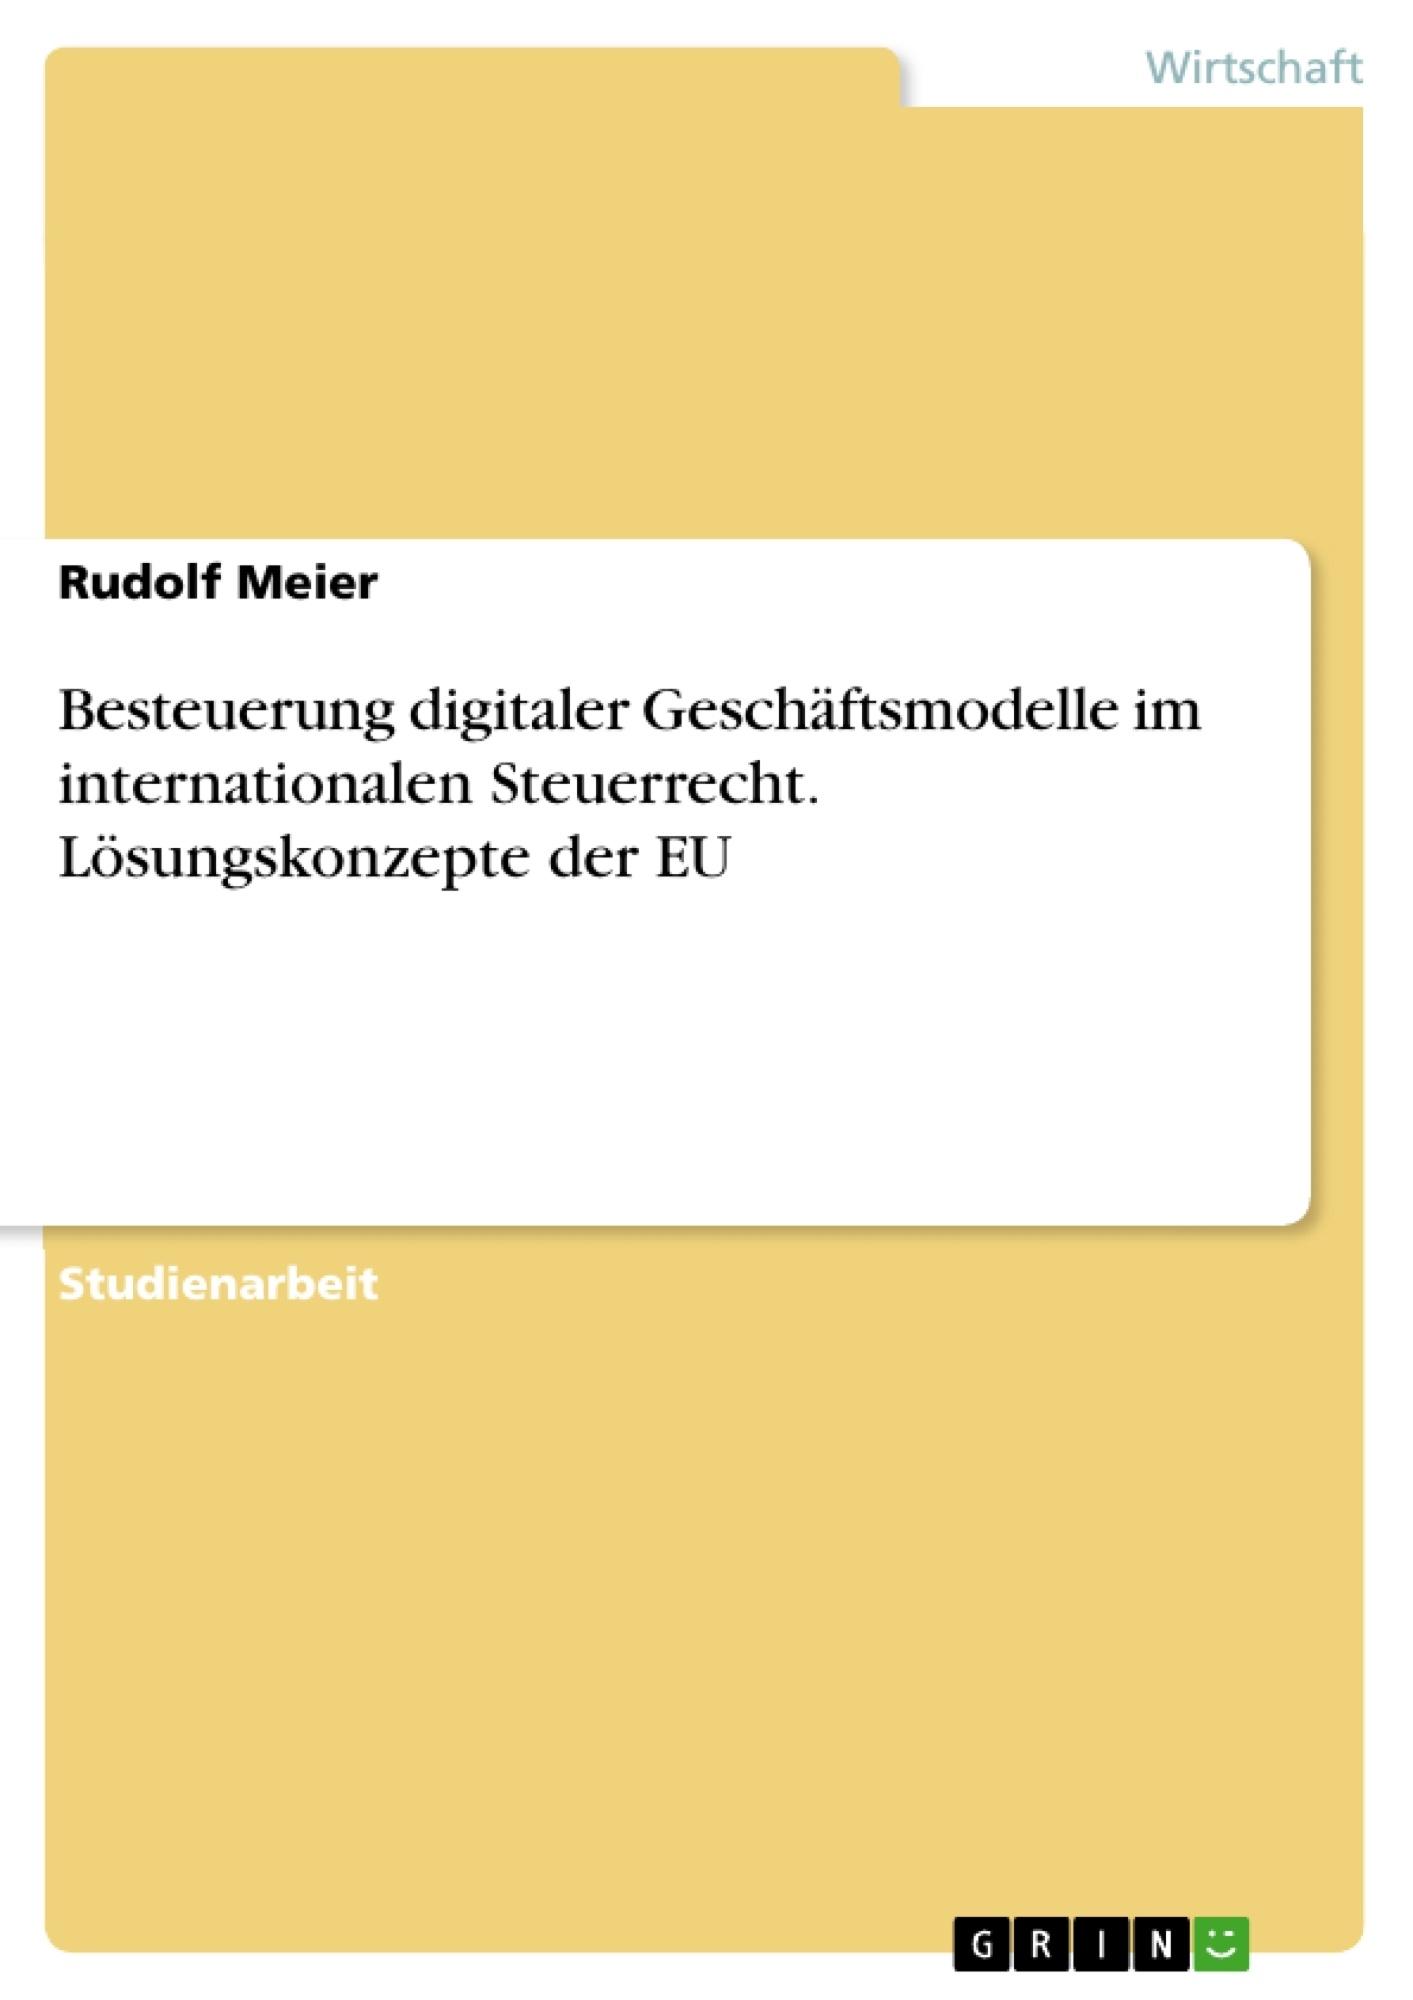 Titel: Besteuerung digitaler Geschäftsmodelle im internationalen Steuerrecht. Lösungskonzepte der EU